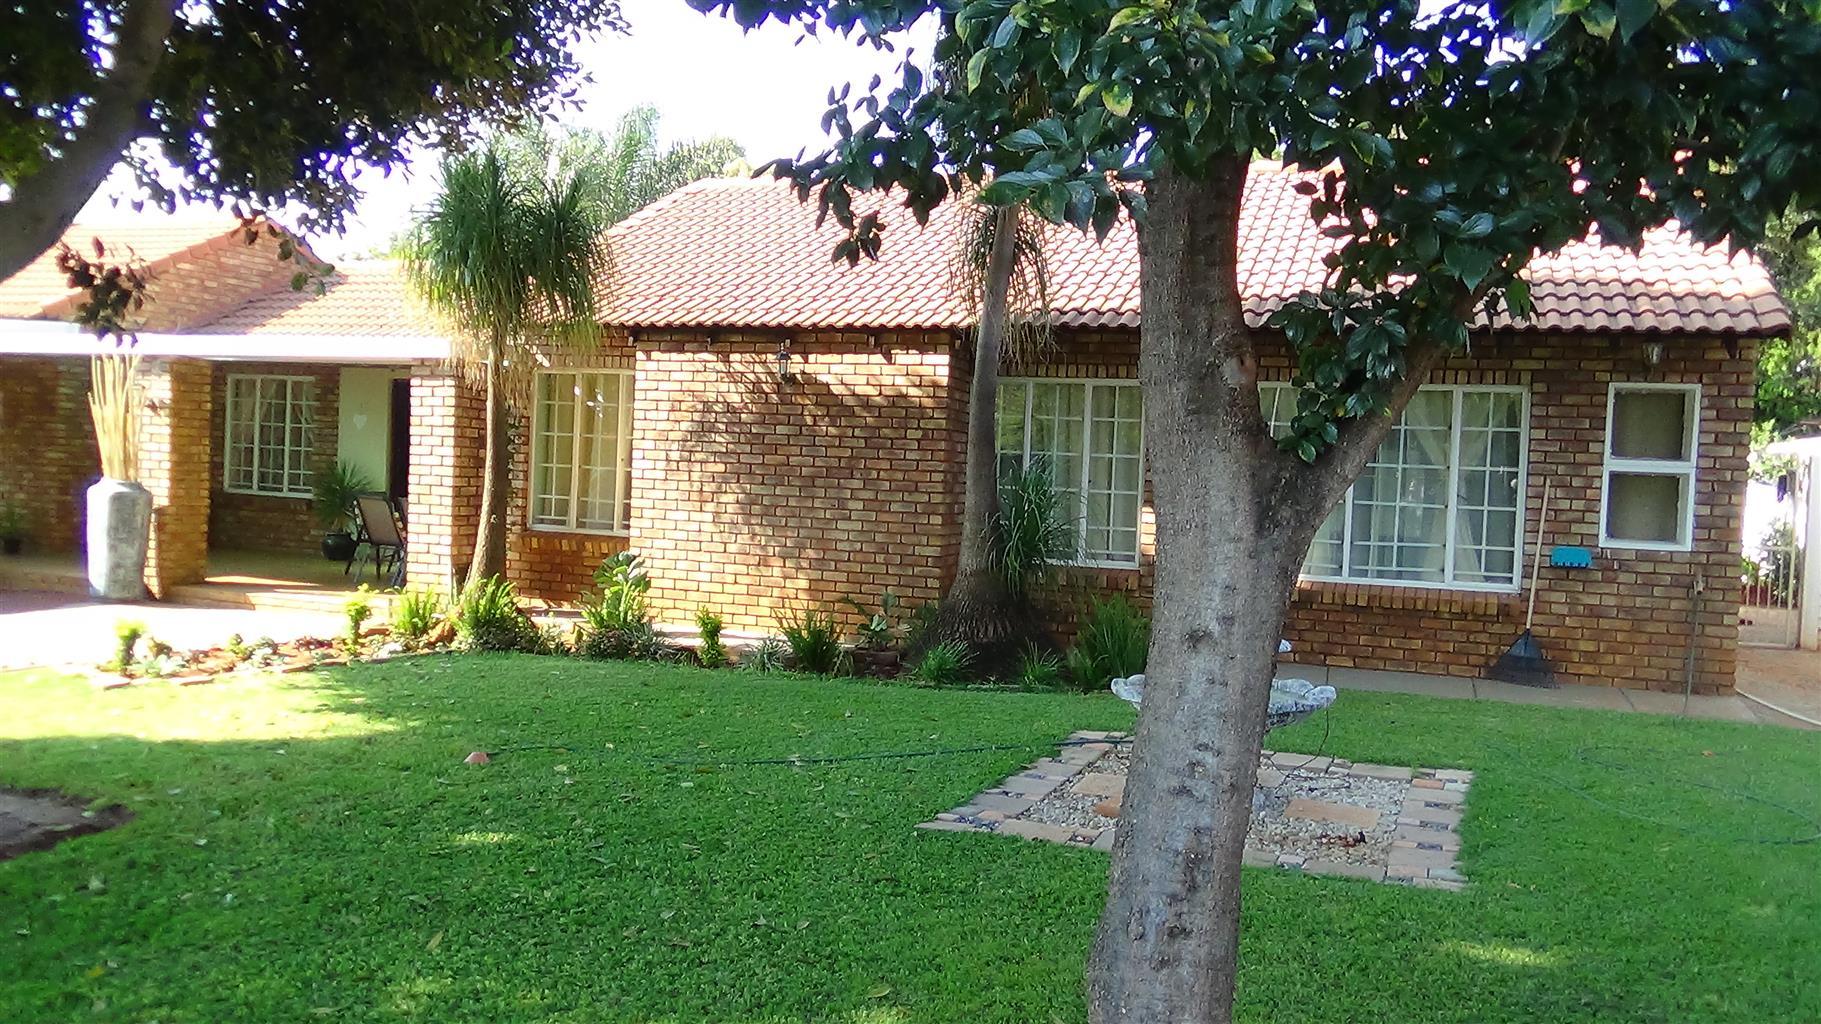 3 Bedroom House with Staff Quarters in Doornpoort – R1 400 000